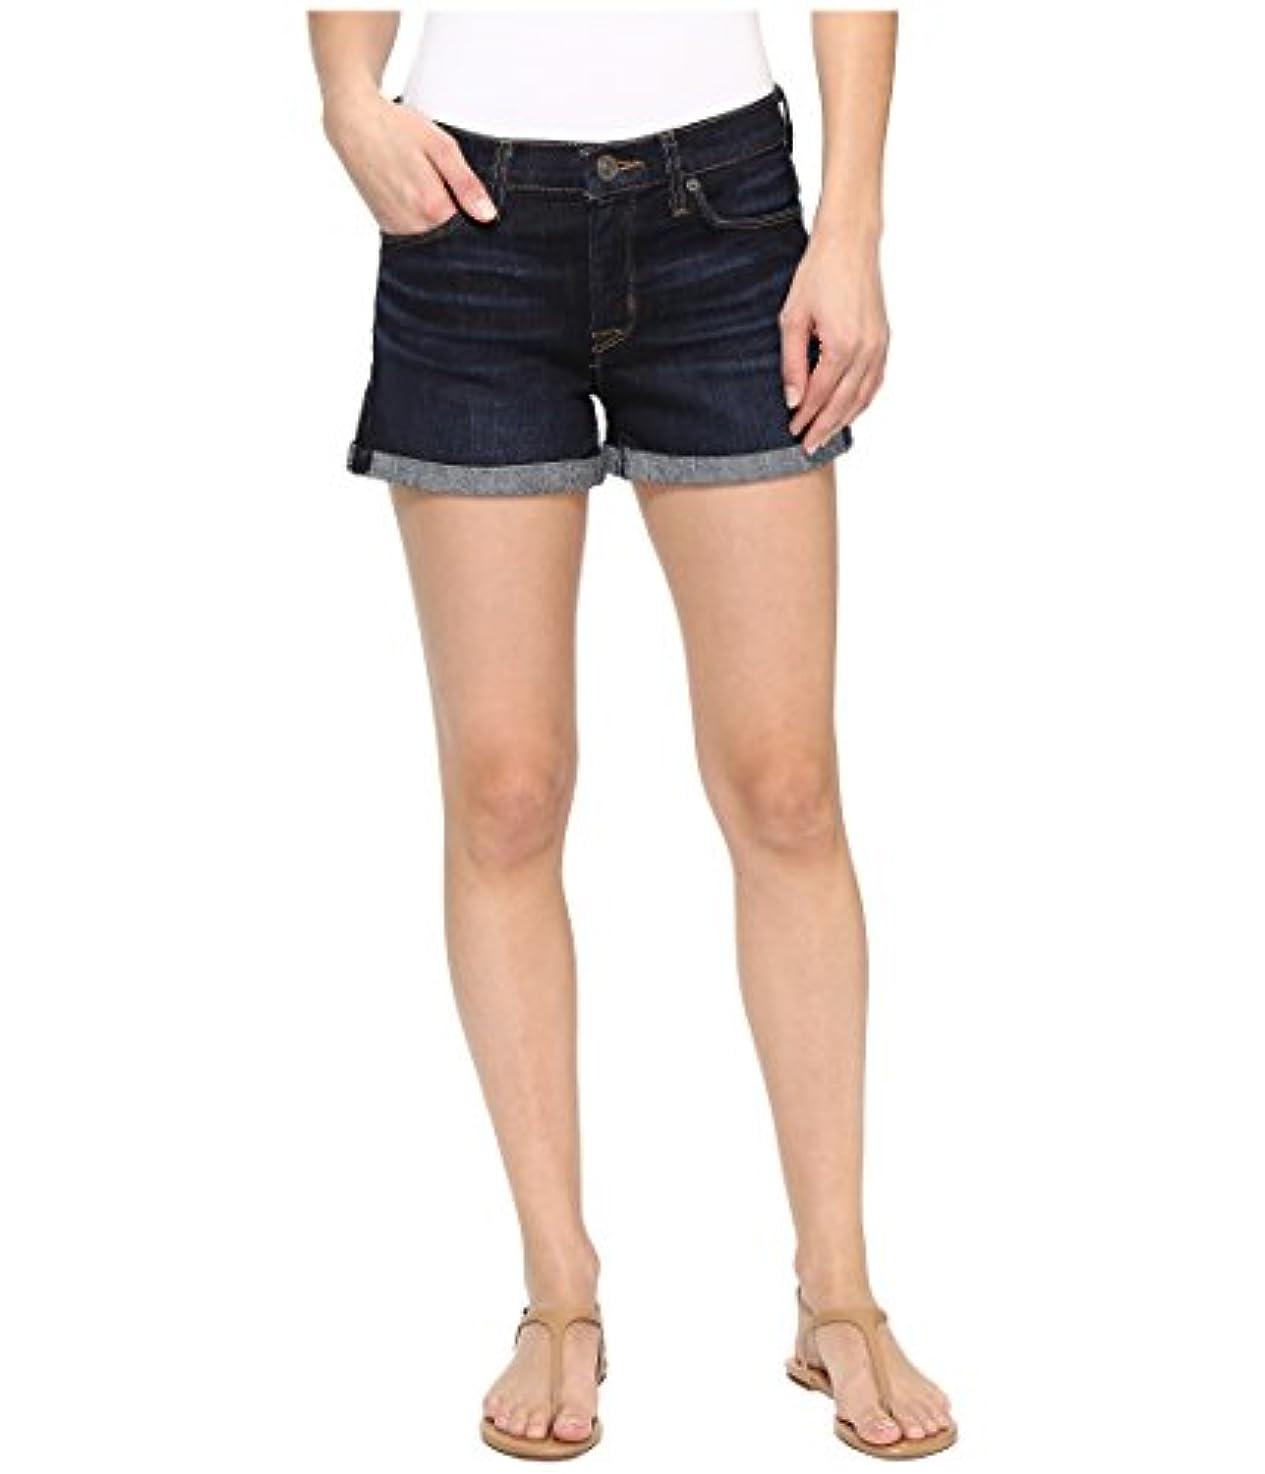 着服技術意見[ハドソン] Hudson レディース Asha Mid-Rise Cuffed Shorts in Novice 3 パンツ Novice 3 26 [並行輸入品]